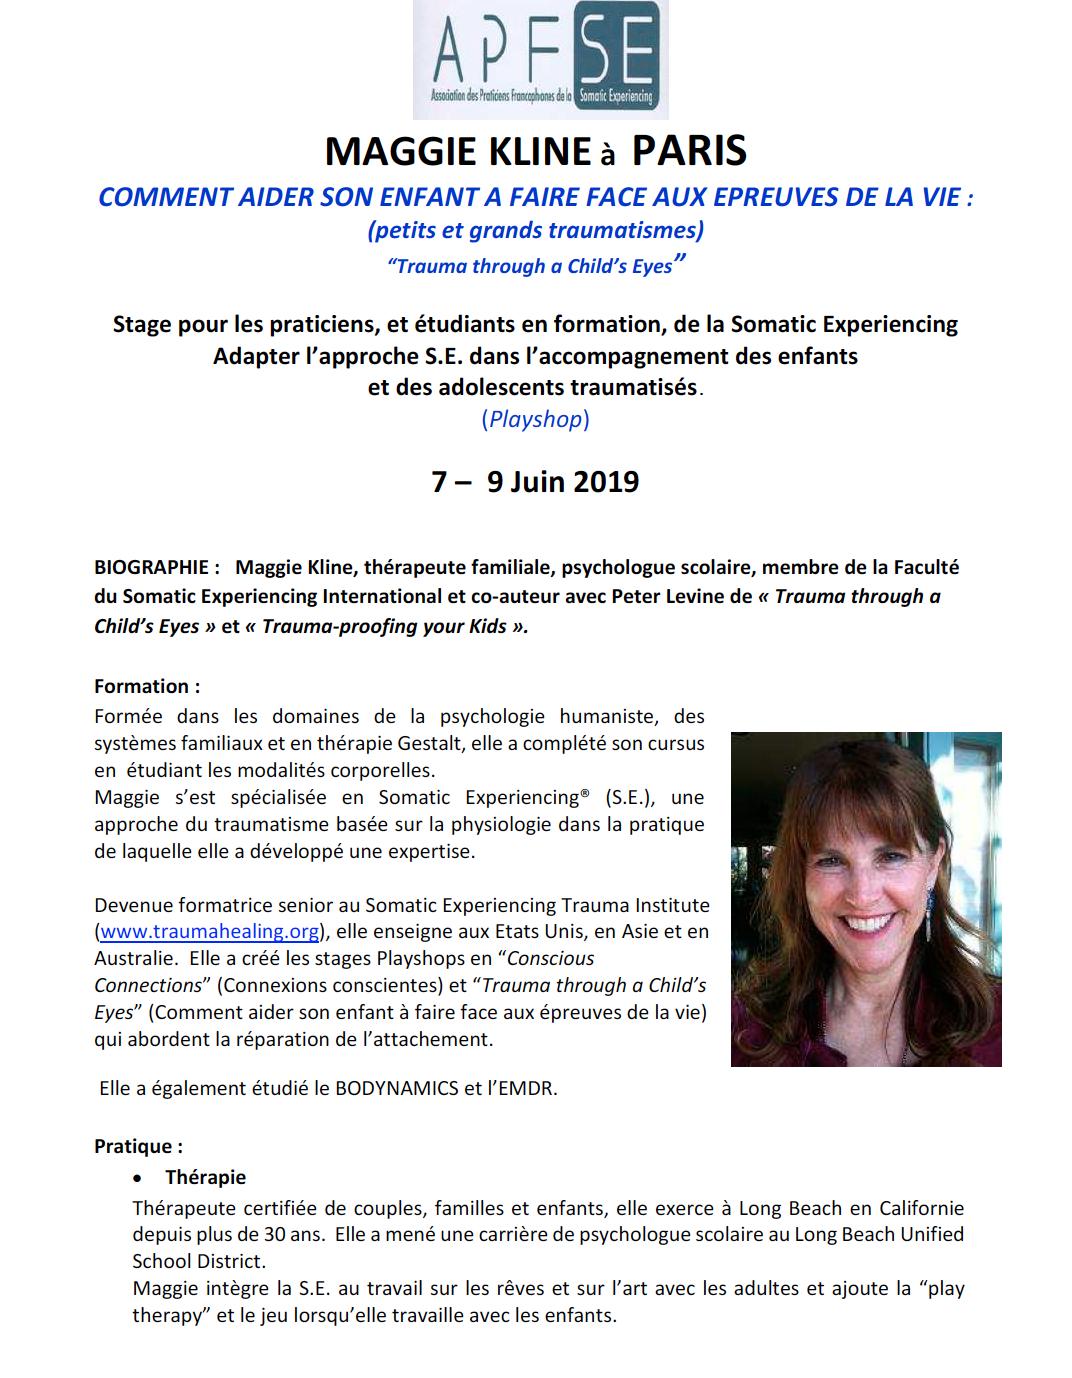 STAGE COMPLET-Maggie Kline à Paris – Comment aider son enfant à faire face aux épreuves de la vie  (7-9 Juin 2019)